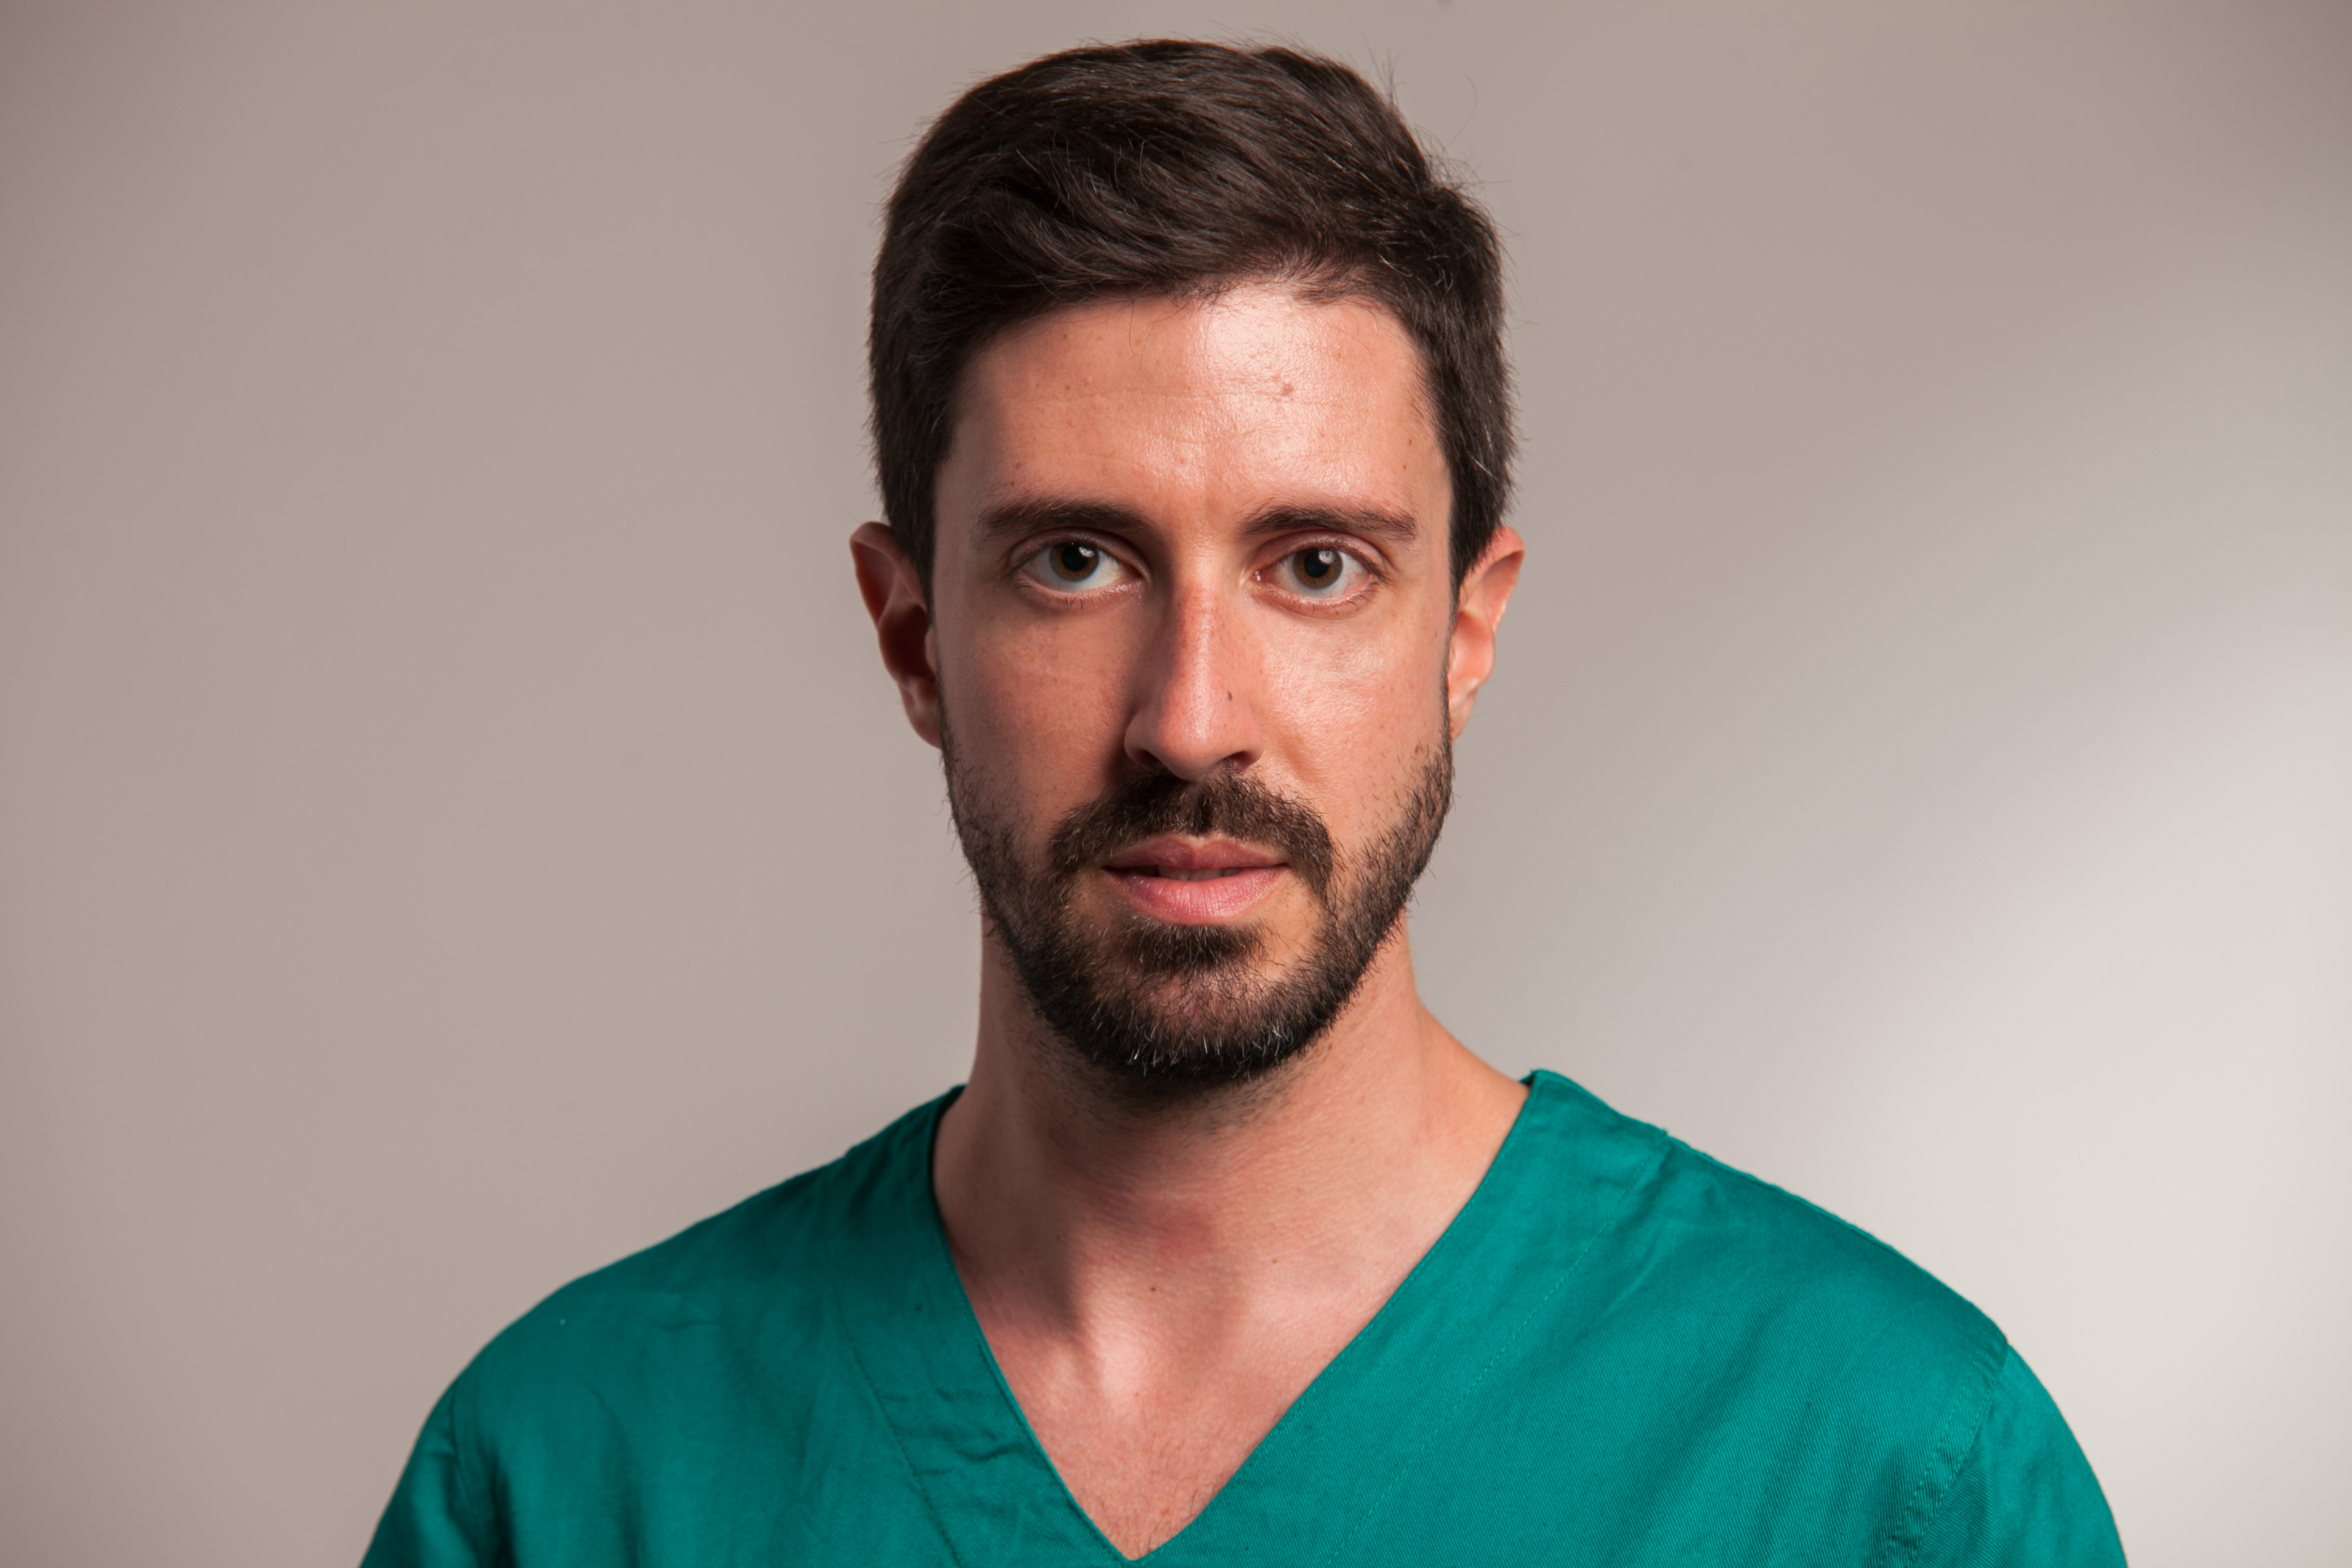 Come eliminare le rughe: intervista col chirurgo